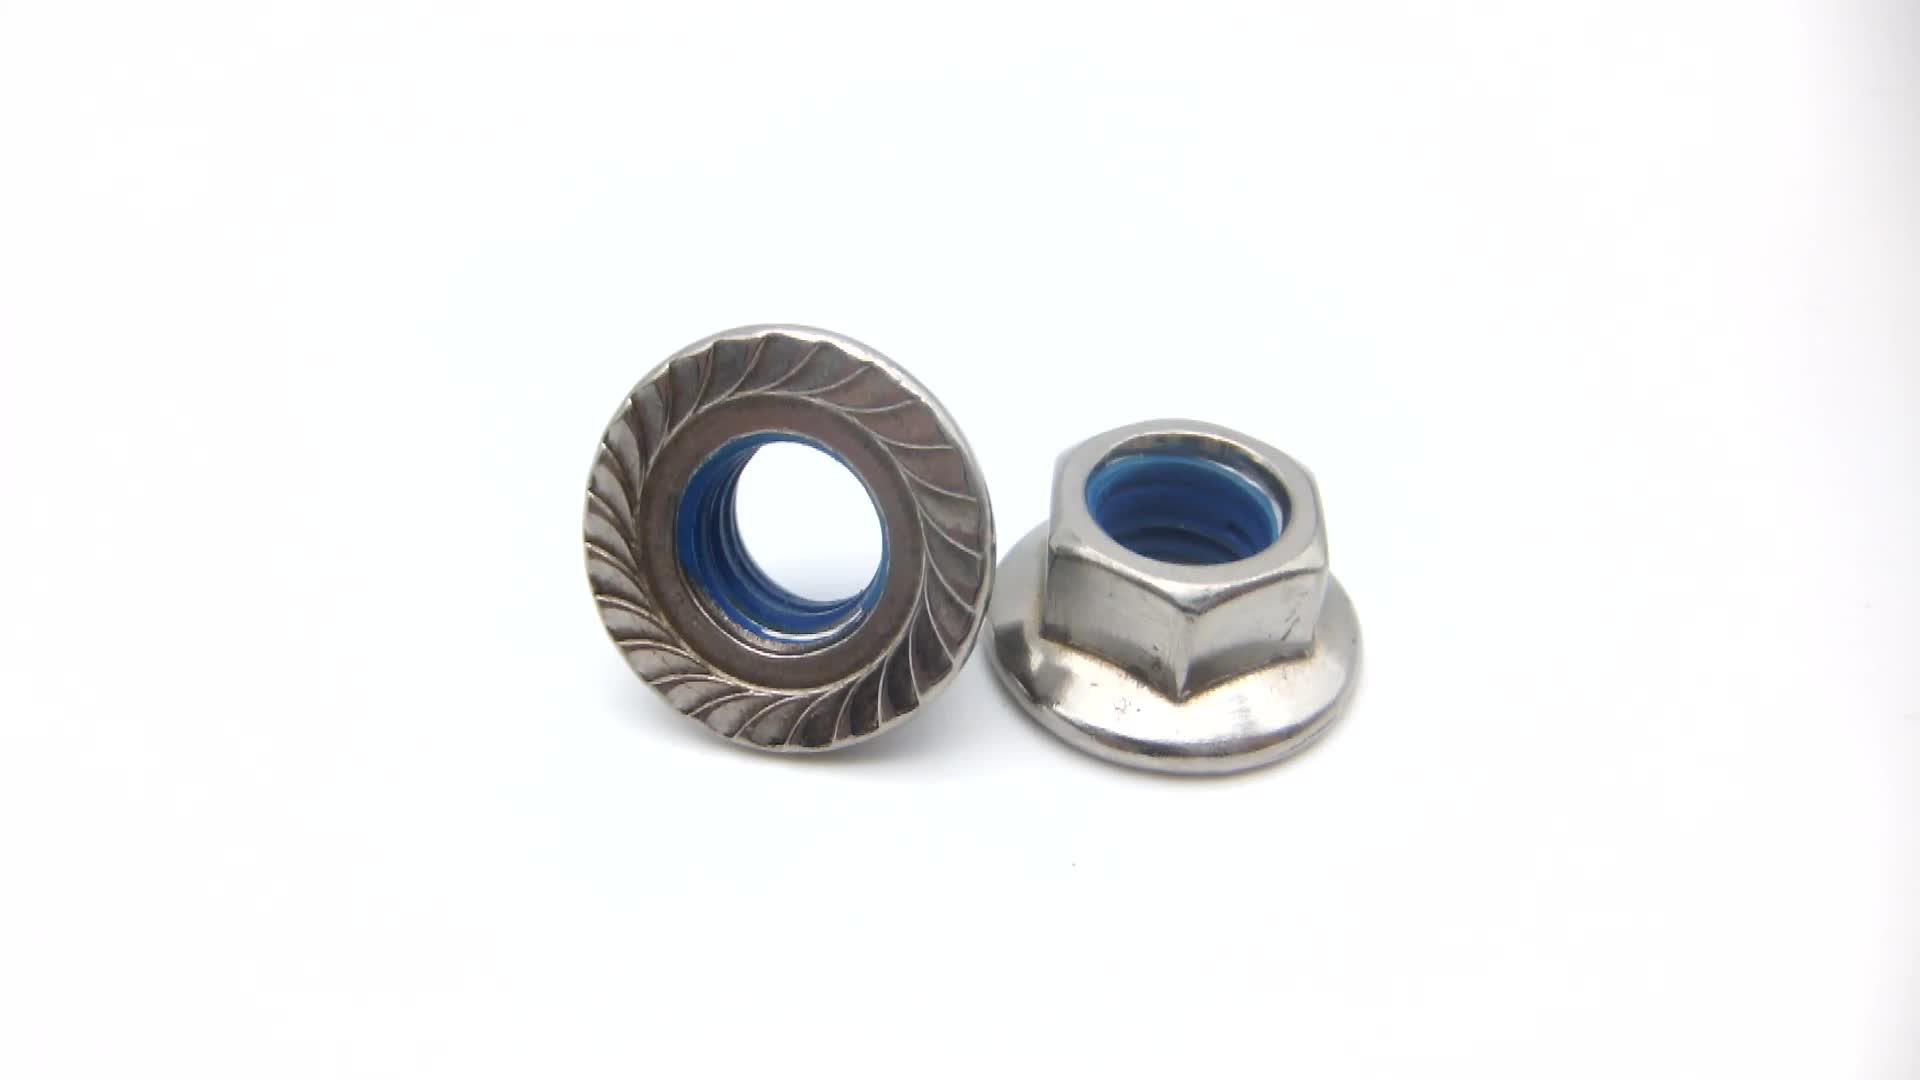 Écrou à bride hexagonale plaqué, en acier au carbone à faible teneur en Zinc, 6926 Nylock, produit d'usine, pièces